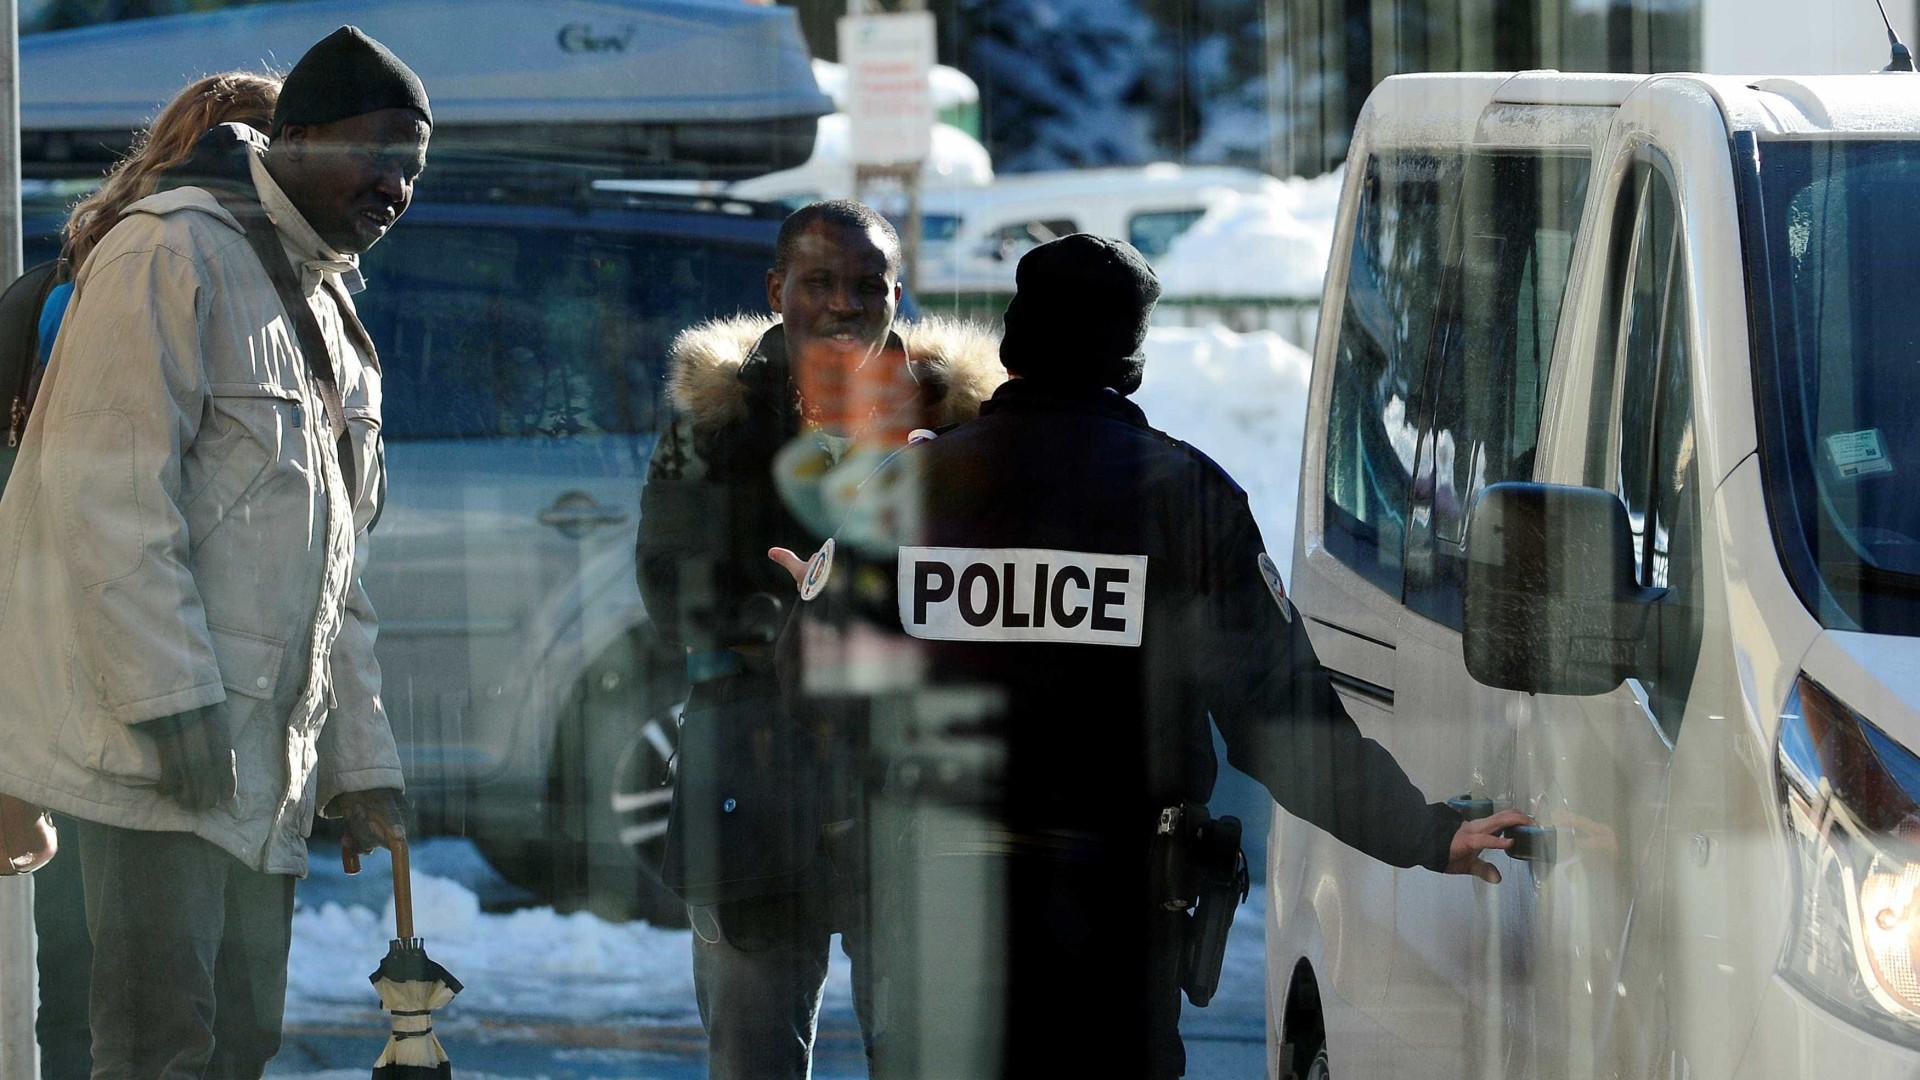 Itália acusa França de largar migrantes na fronteira